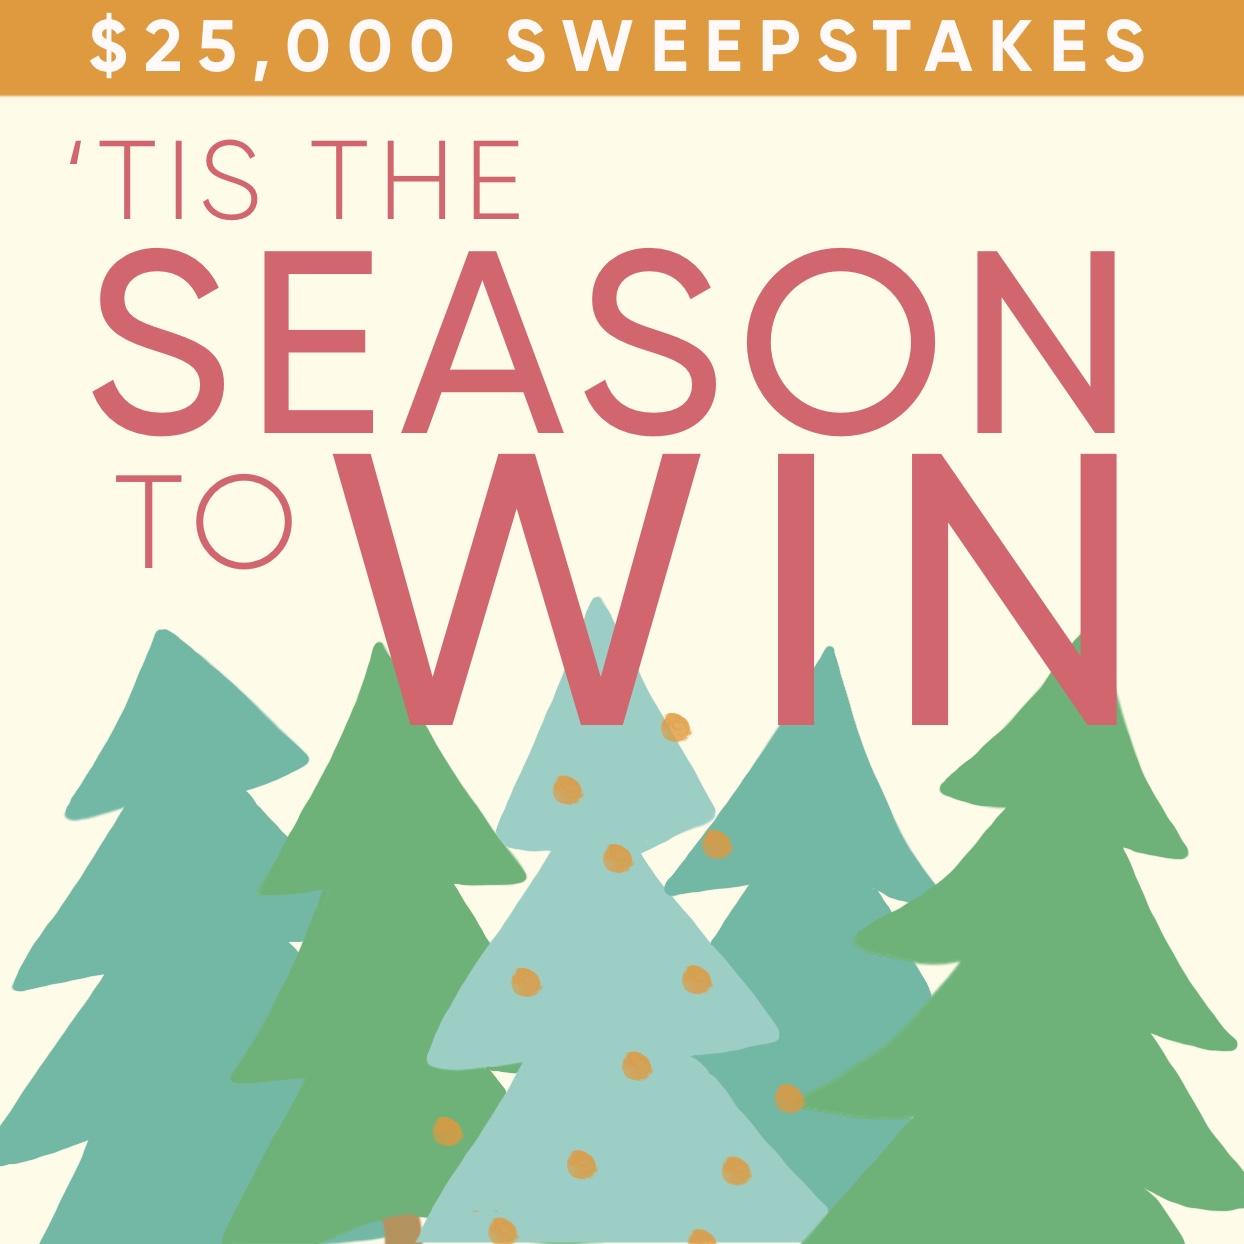 Tis the season... to WIN! $25,0000 Sweepstakes